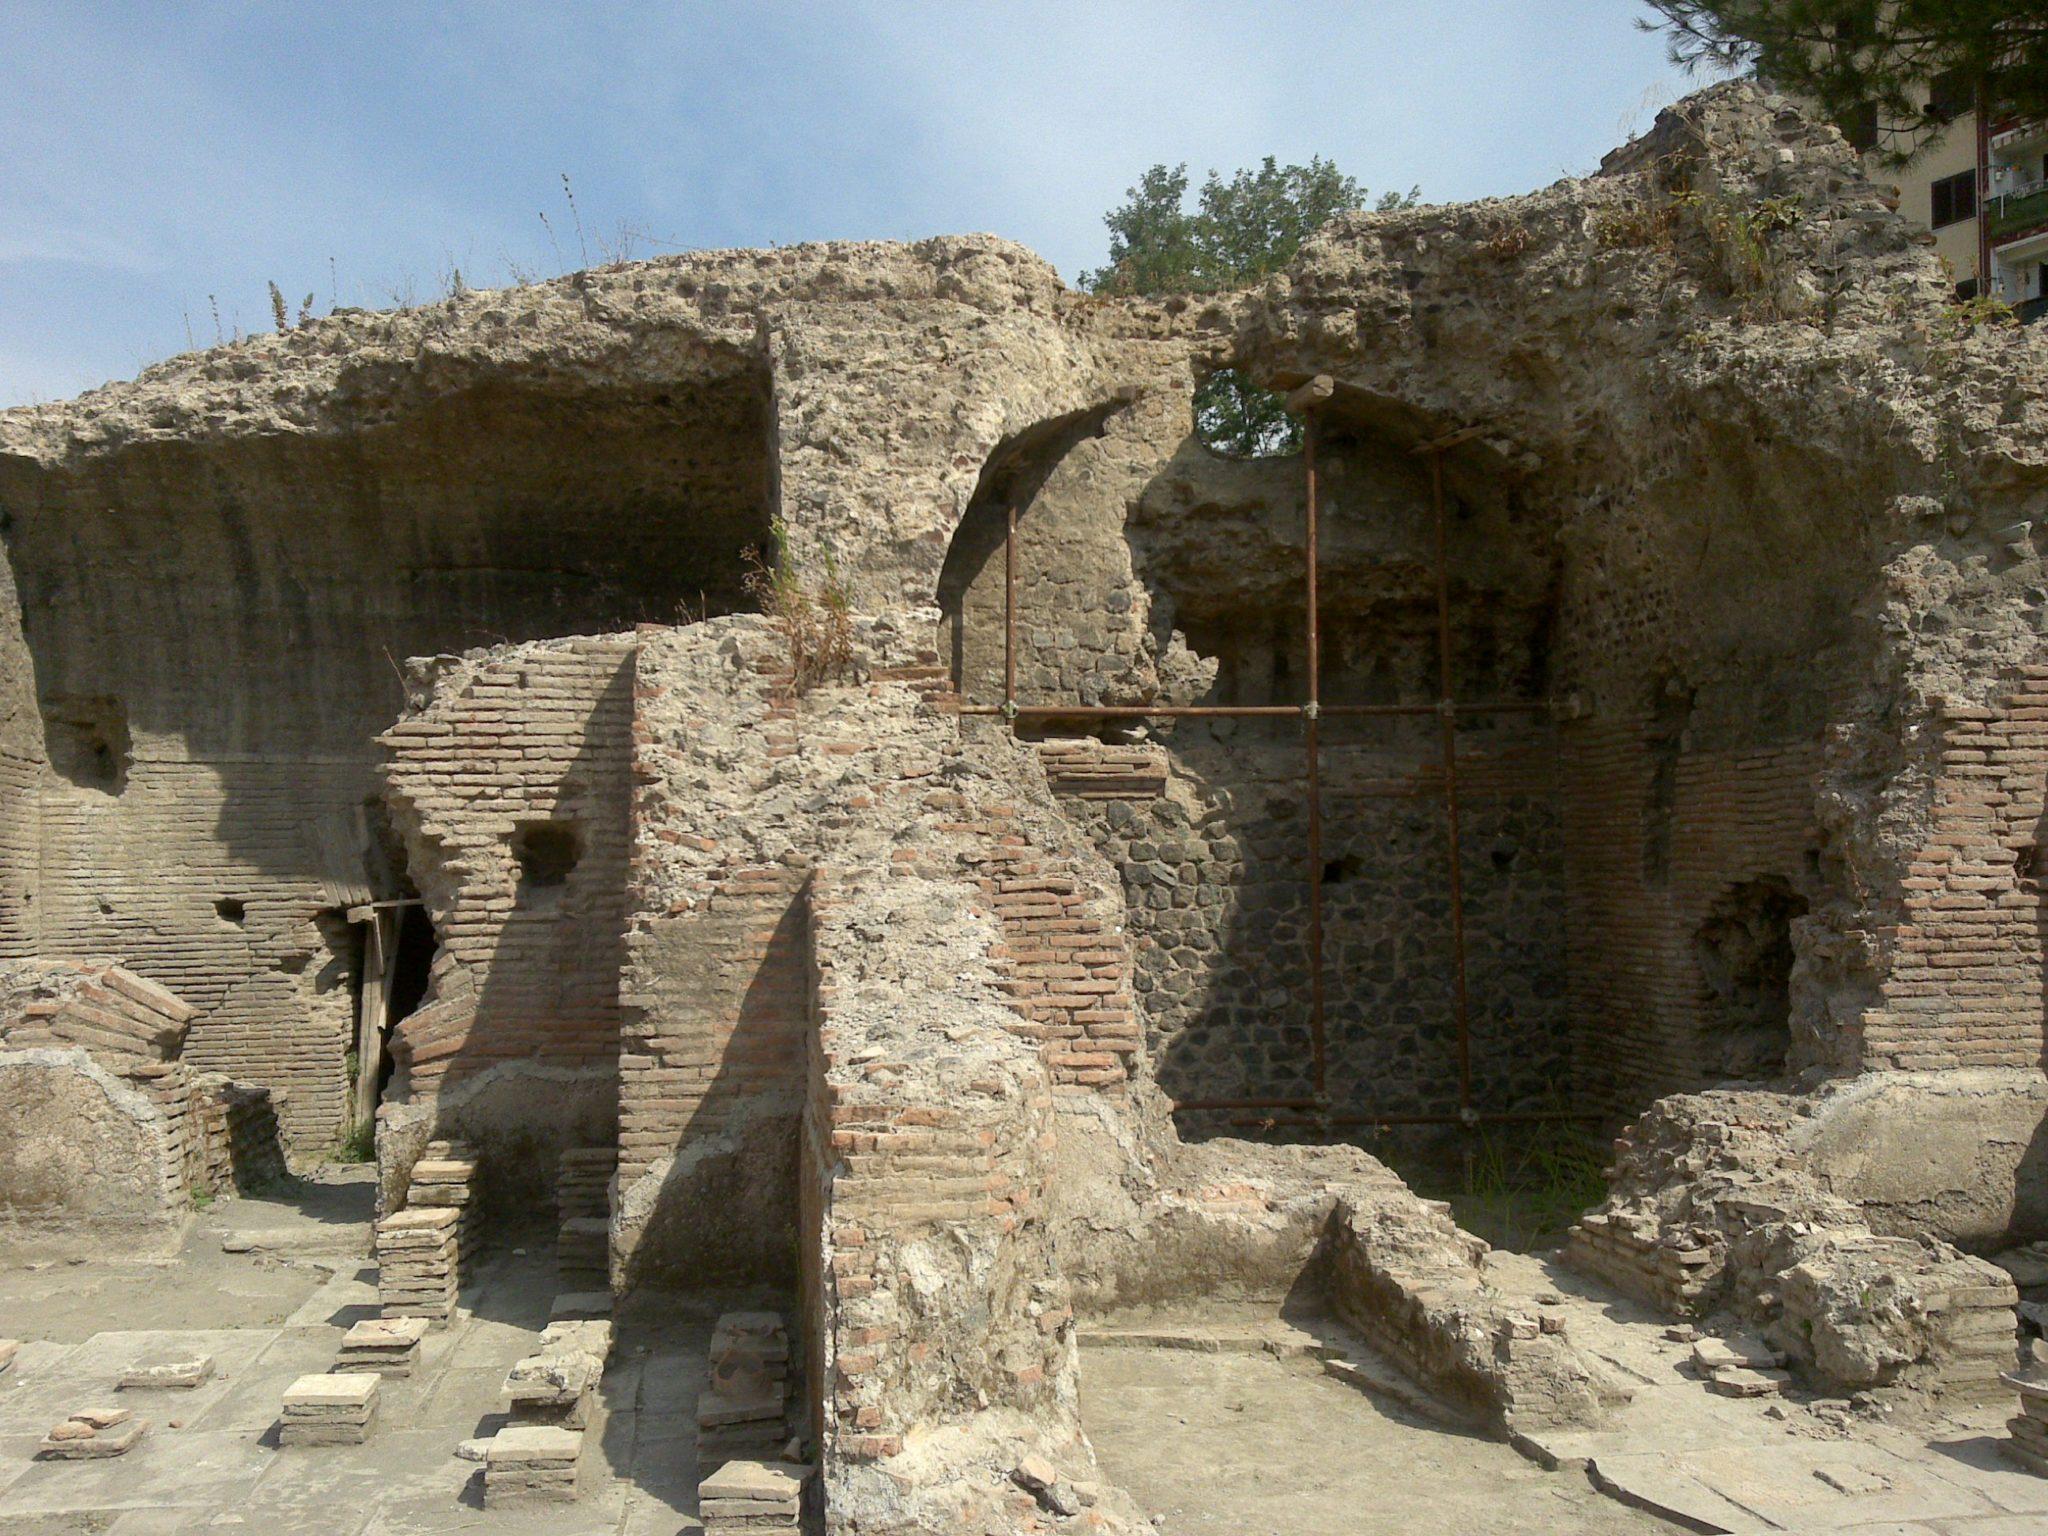 Pollena sito arco romano